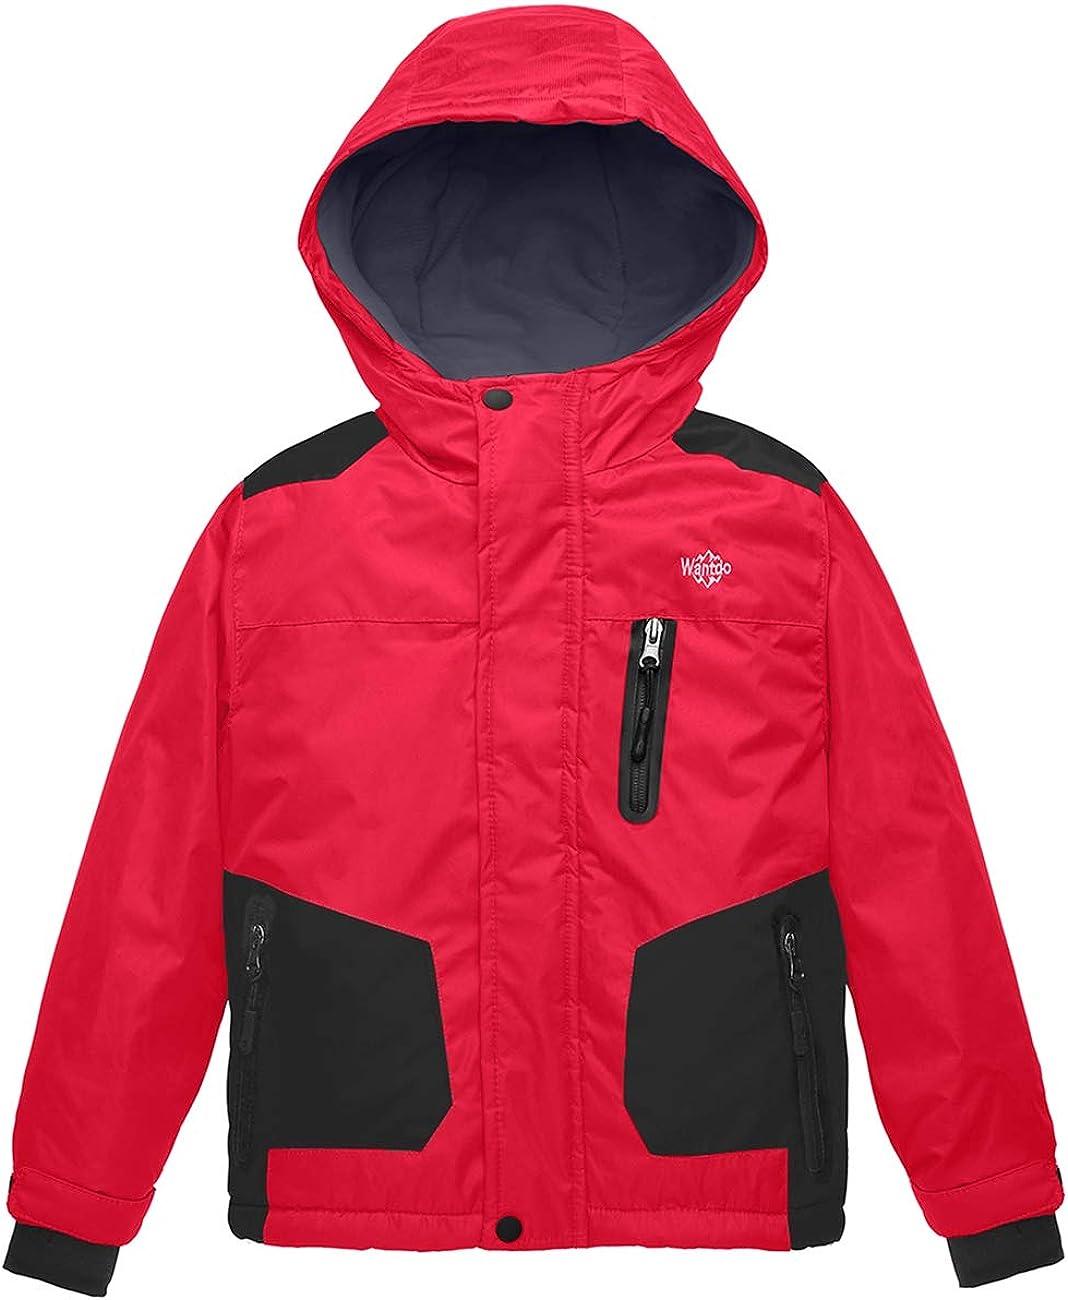 Wantdo Boy's Waterproof Skiing Jacket Insulated Snowboard Jackets Warm Winter Coat Windproof Windbreaker